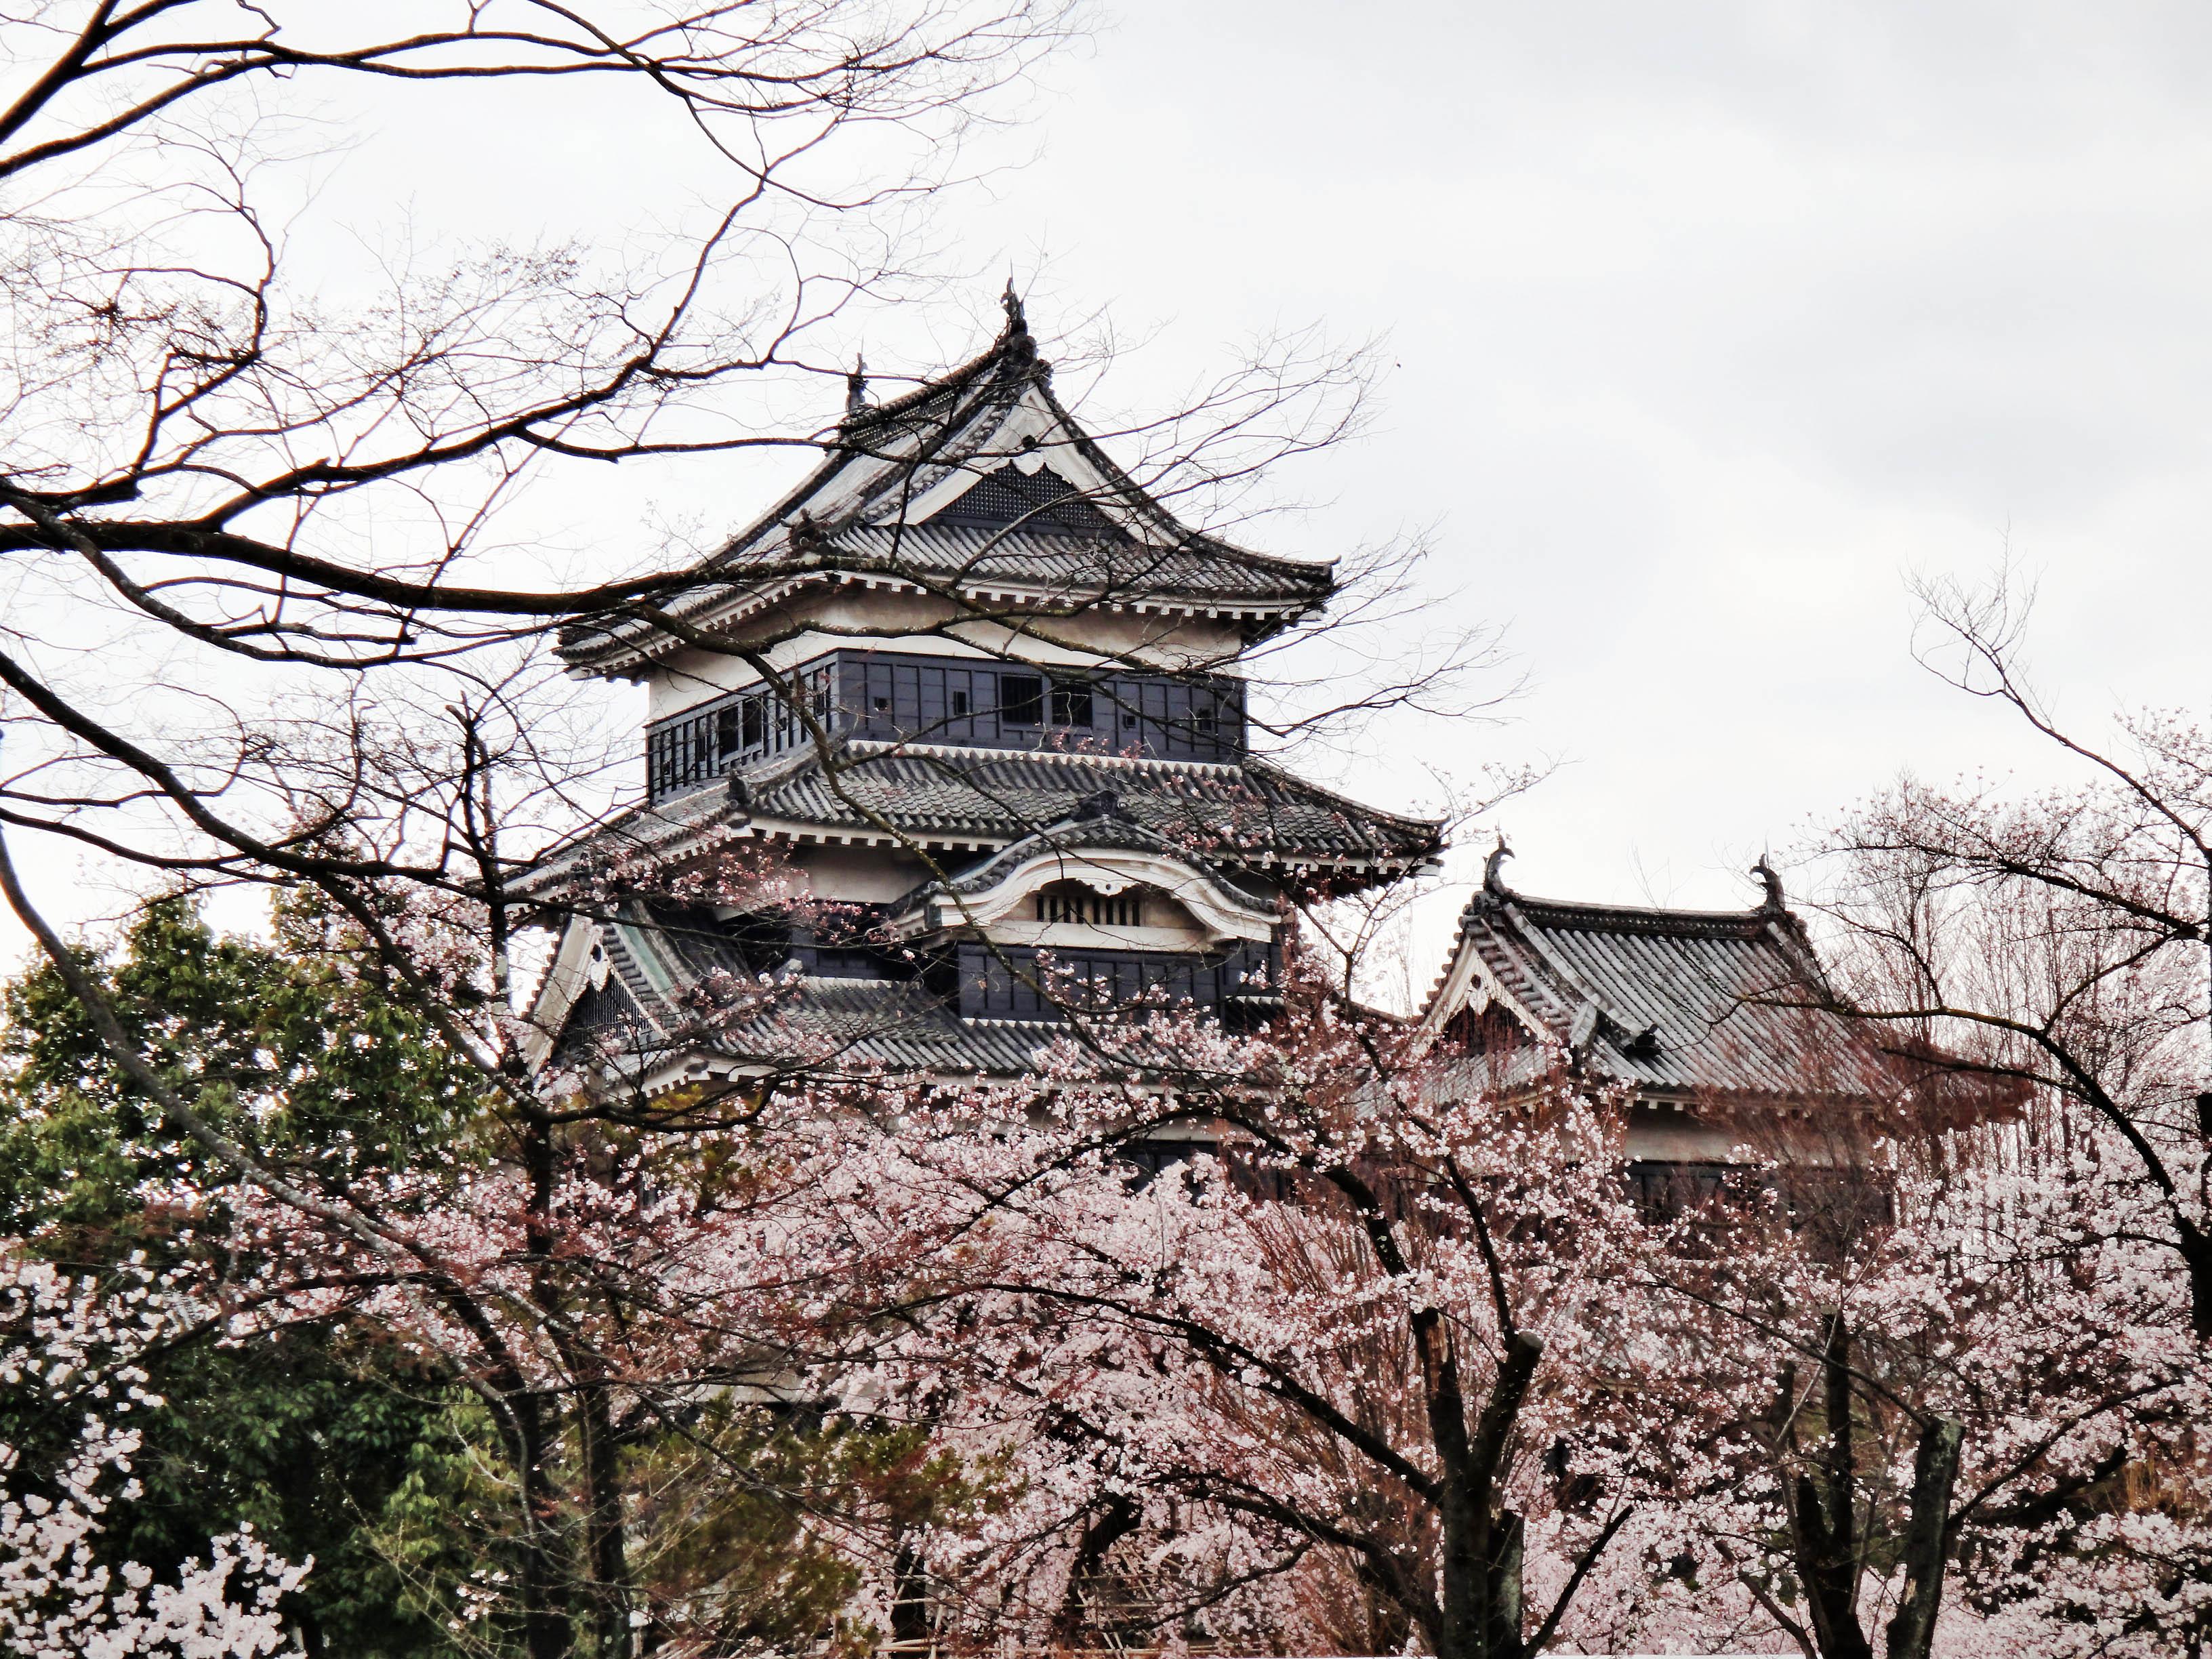 日本松本城樱花绽放。(蓝海/大纪元)